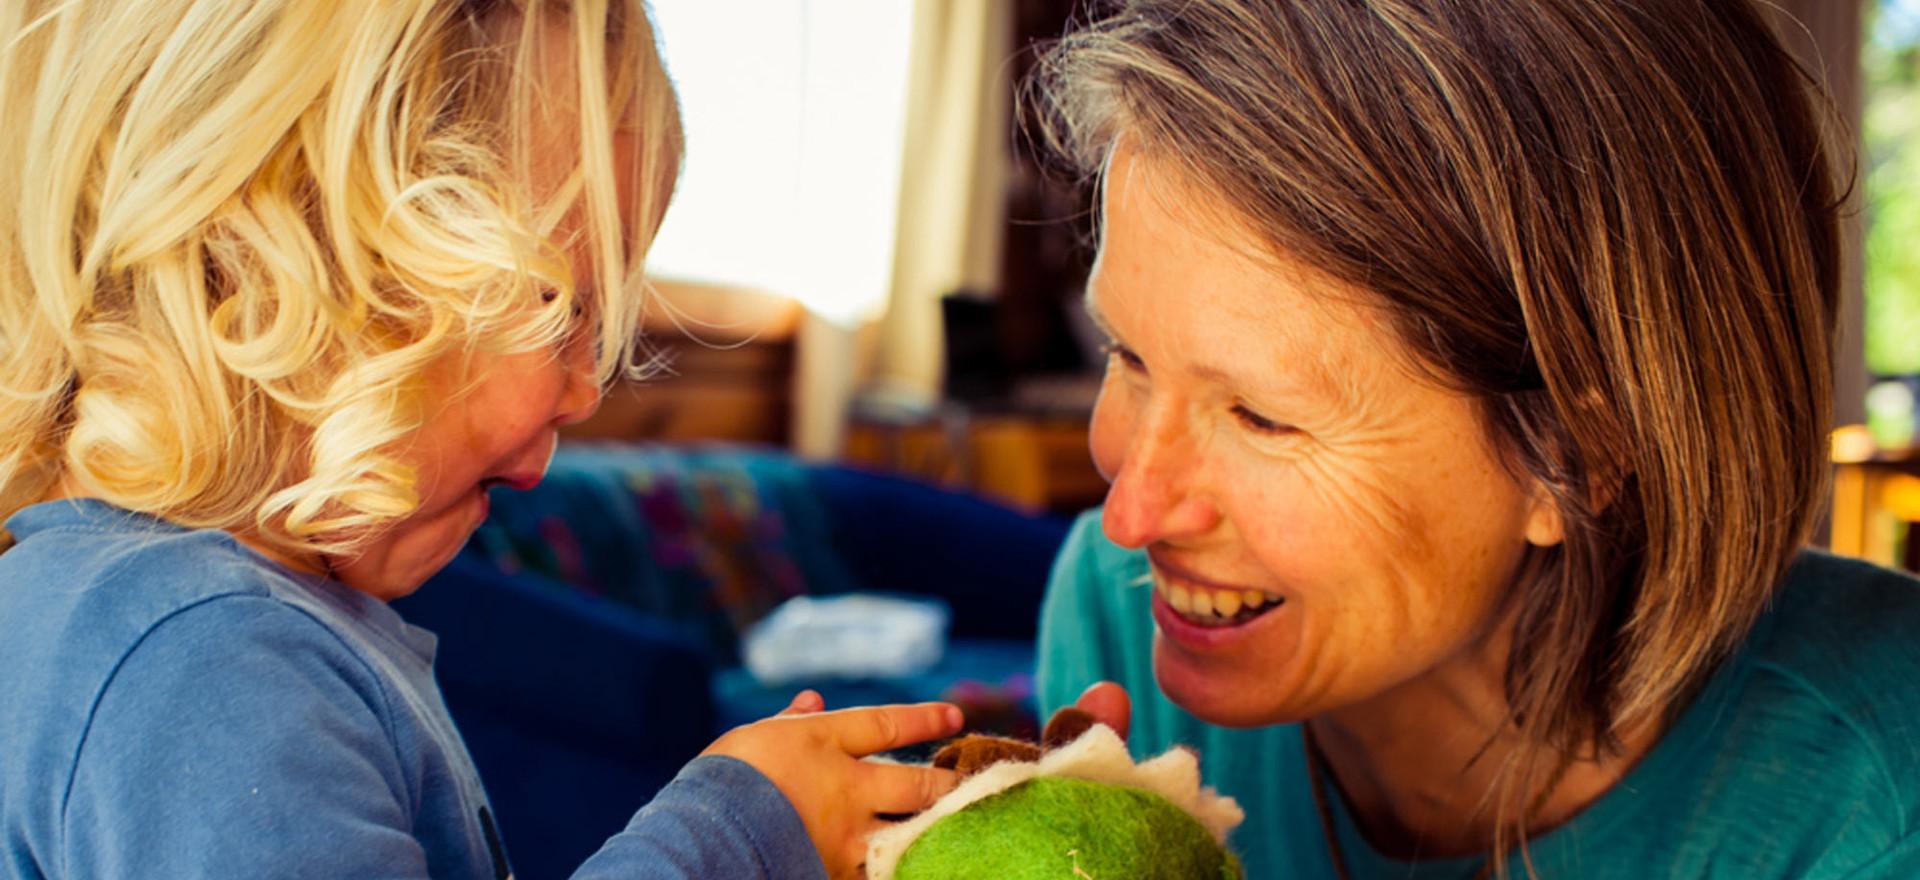 mum-daughter-play-puppets-josie-gritten-